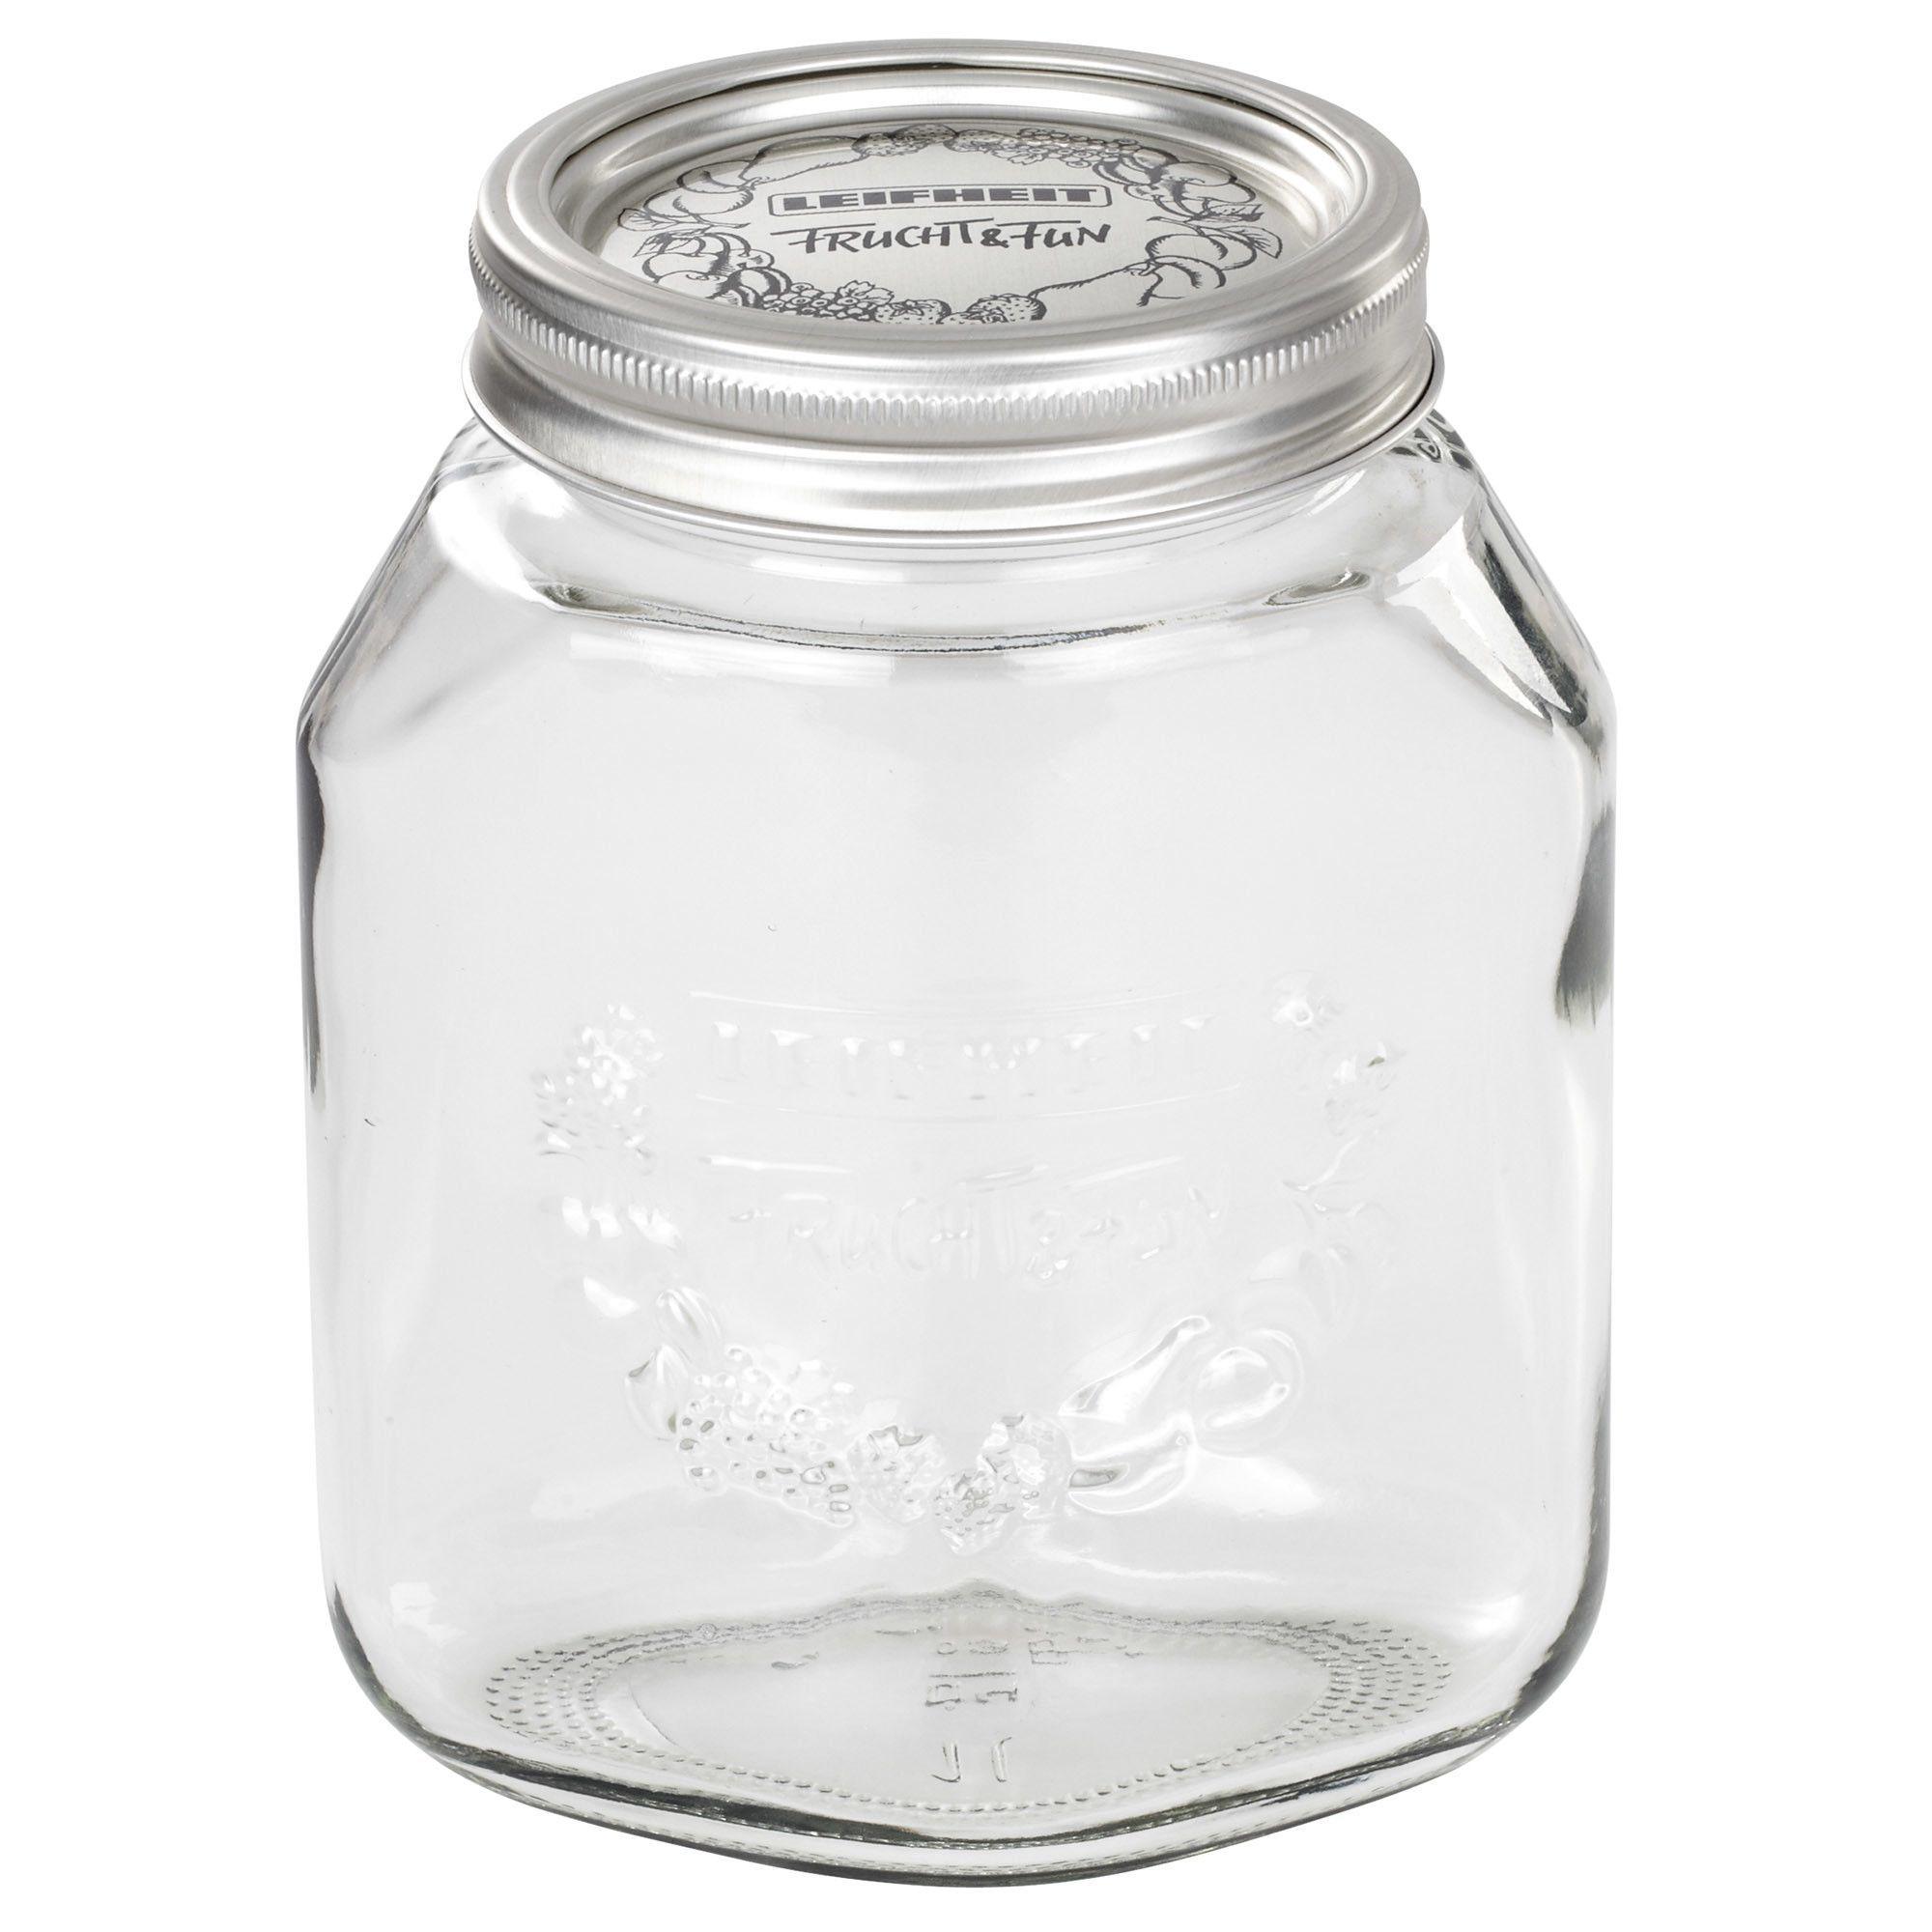 10625 Qt Canning Jar Products Mason Jars Jar Mason Jar Crafts